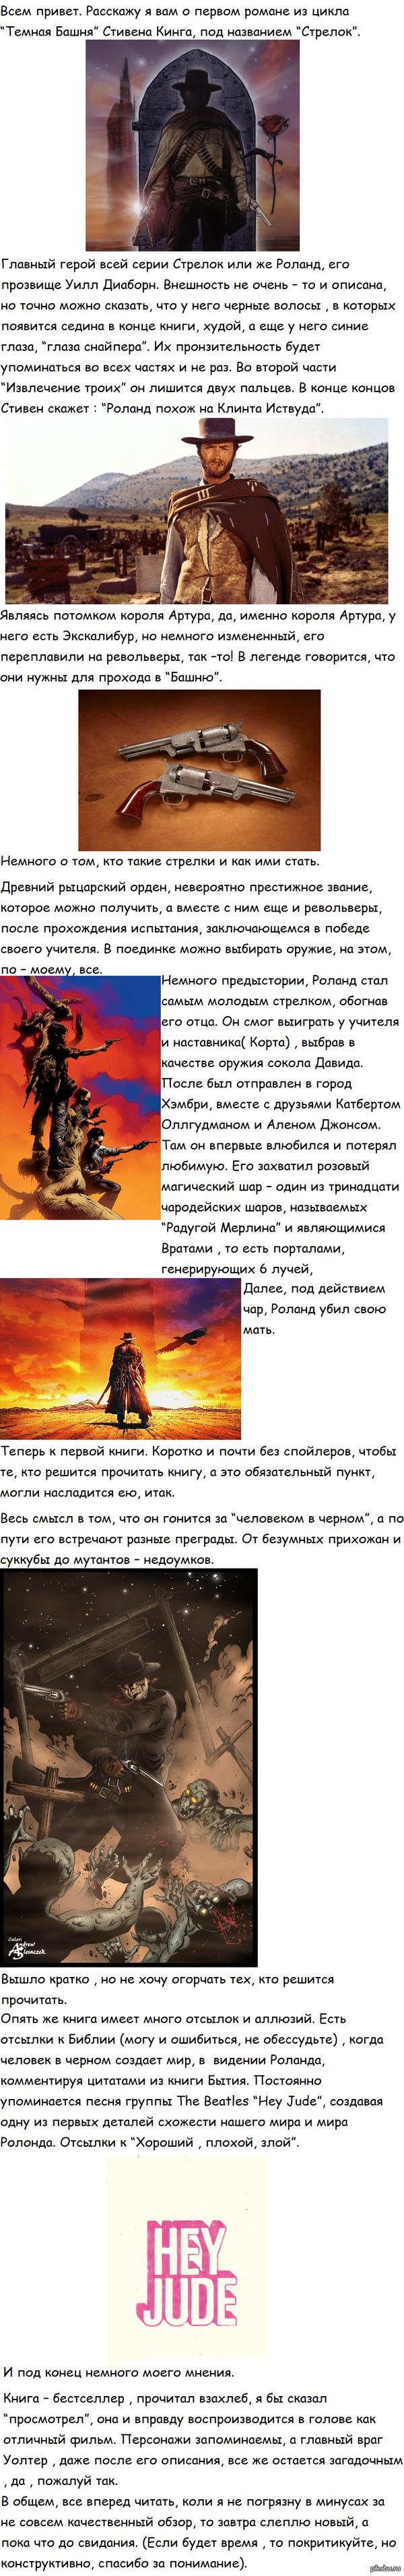 """Обзор книги Стивена Кинга """"Стрелок"""" из цикла """"Темная Башня""""."""